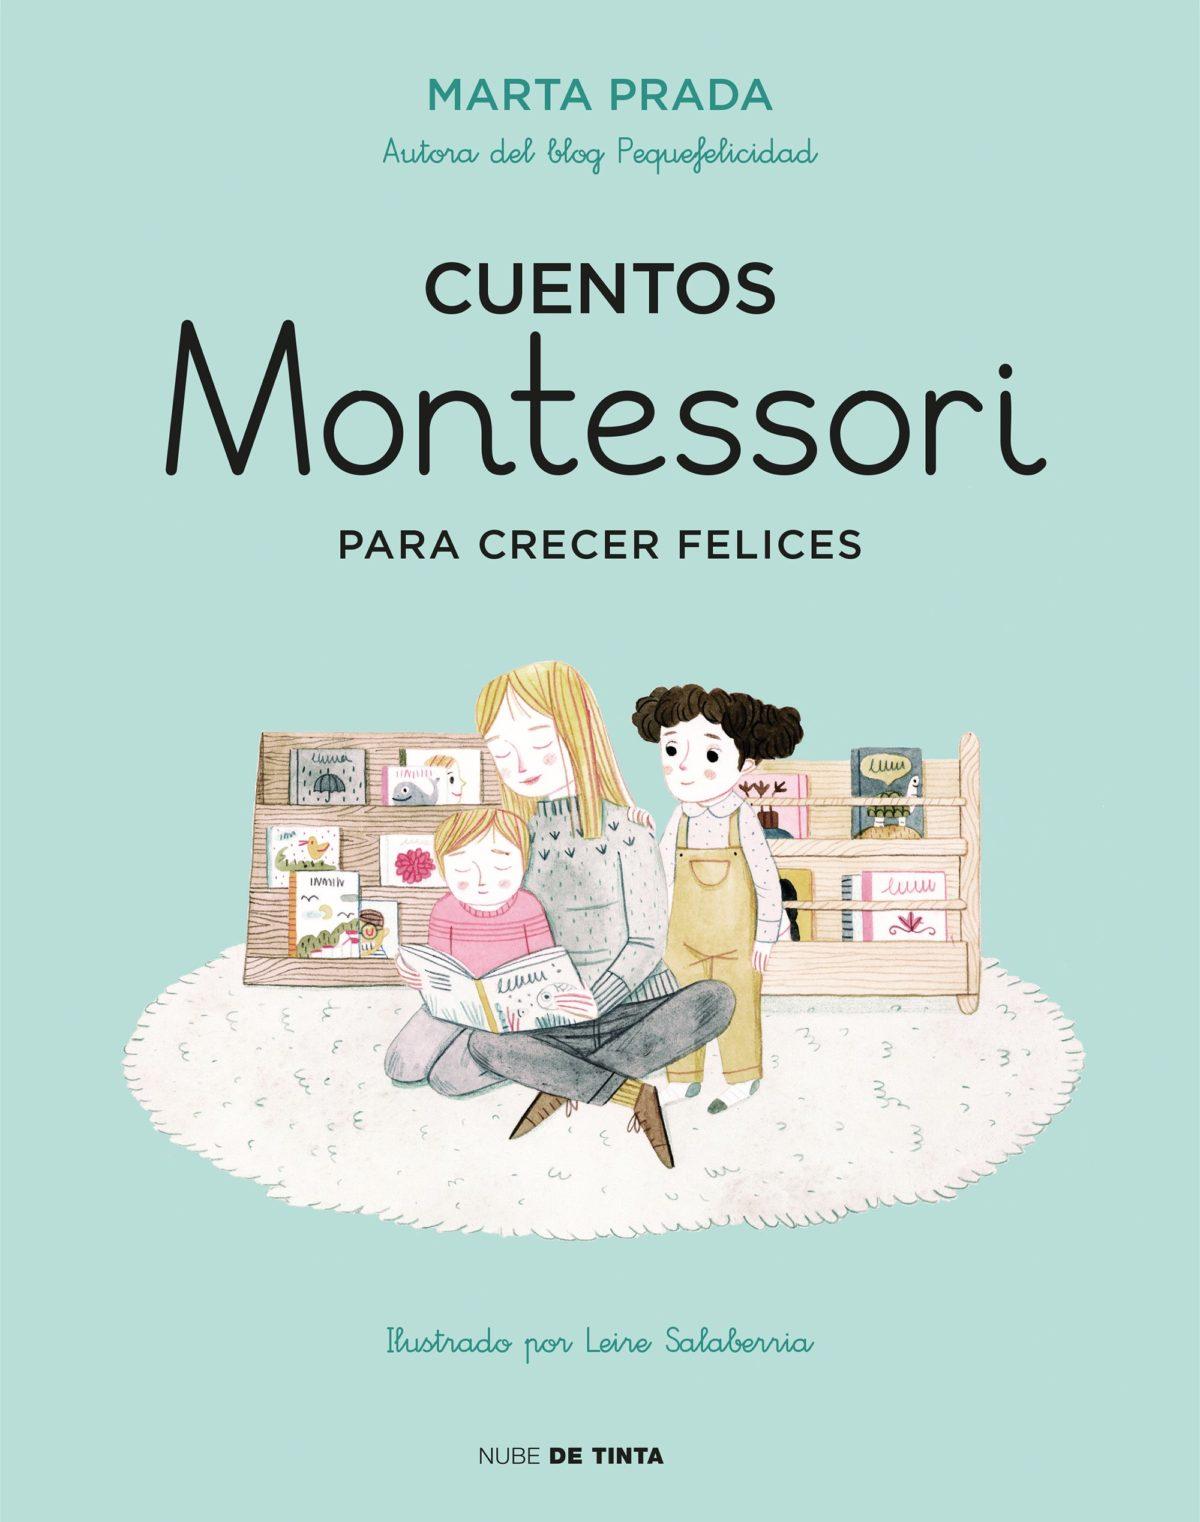 Cuentos Montessori para crecer felices (Nube de Tinta) (Español) Tapa dura